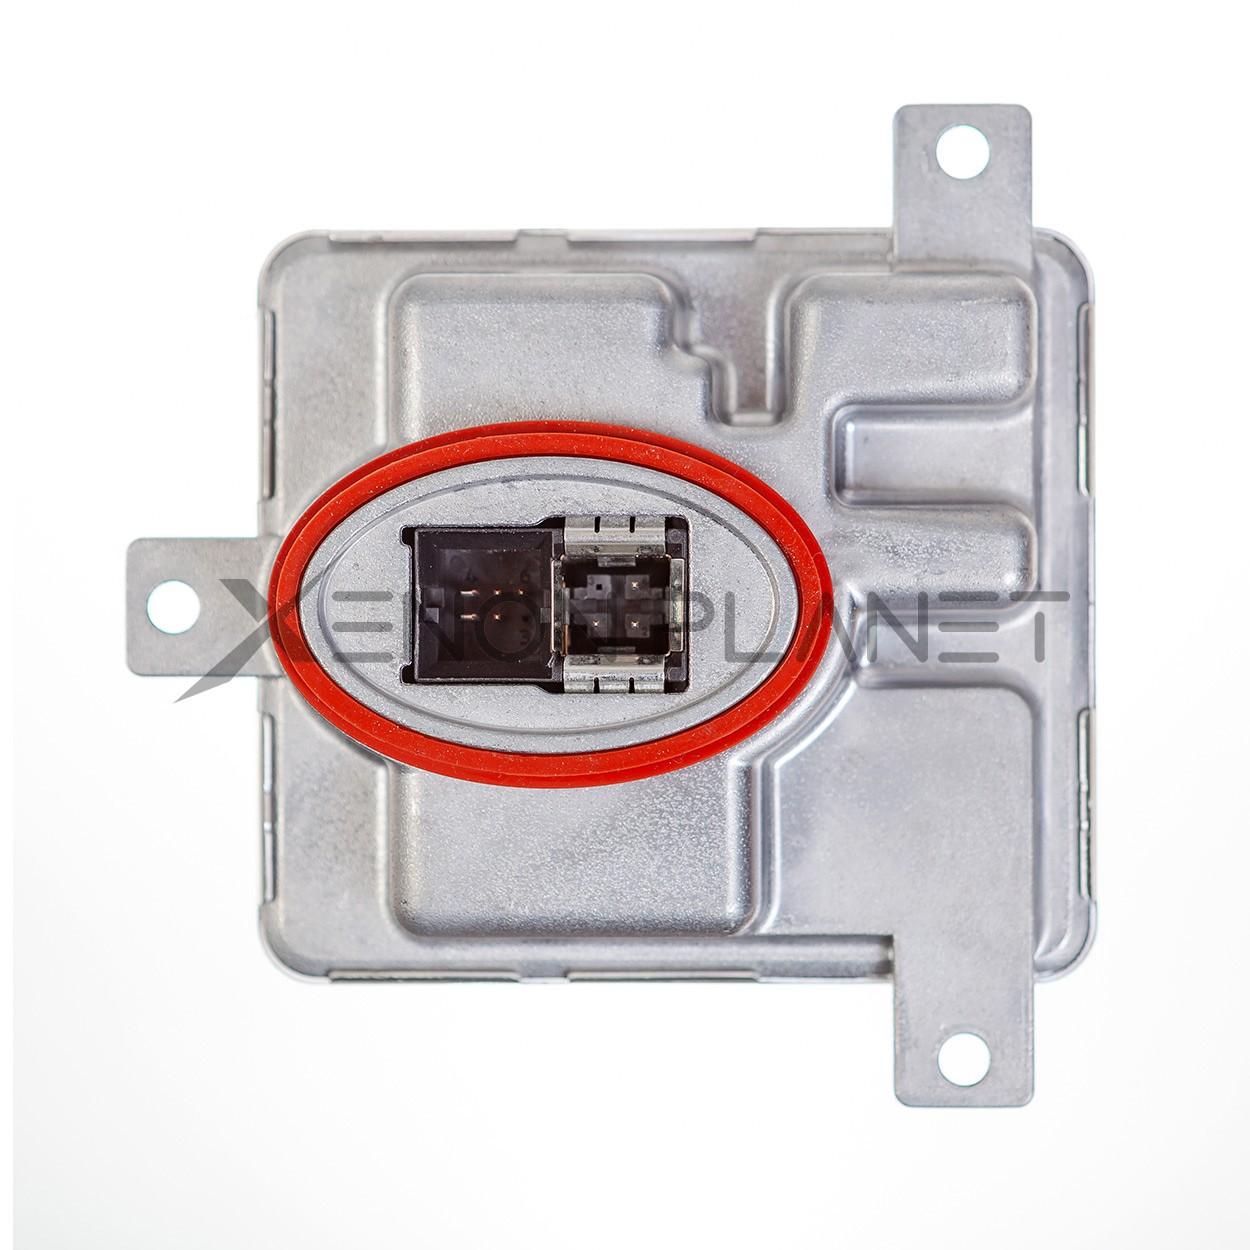 Xenon Ballast for Bmw HID Xenon Headlamp Control Unit Mitsubishi W003T23171